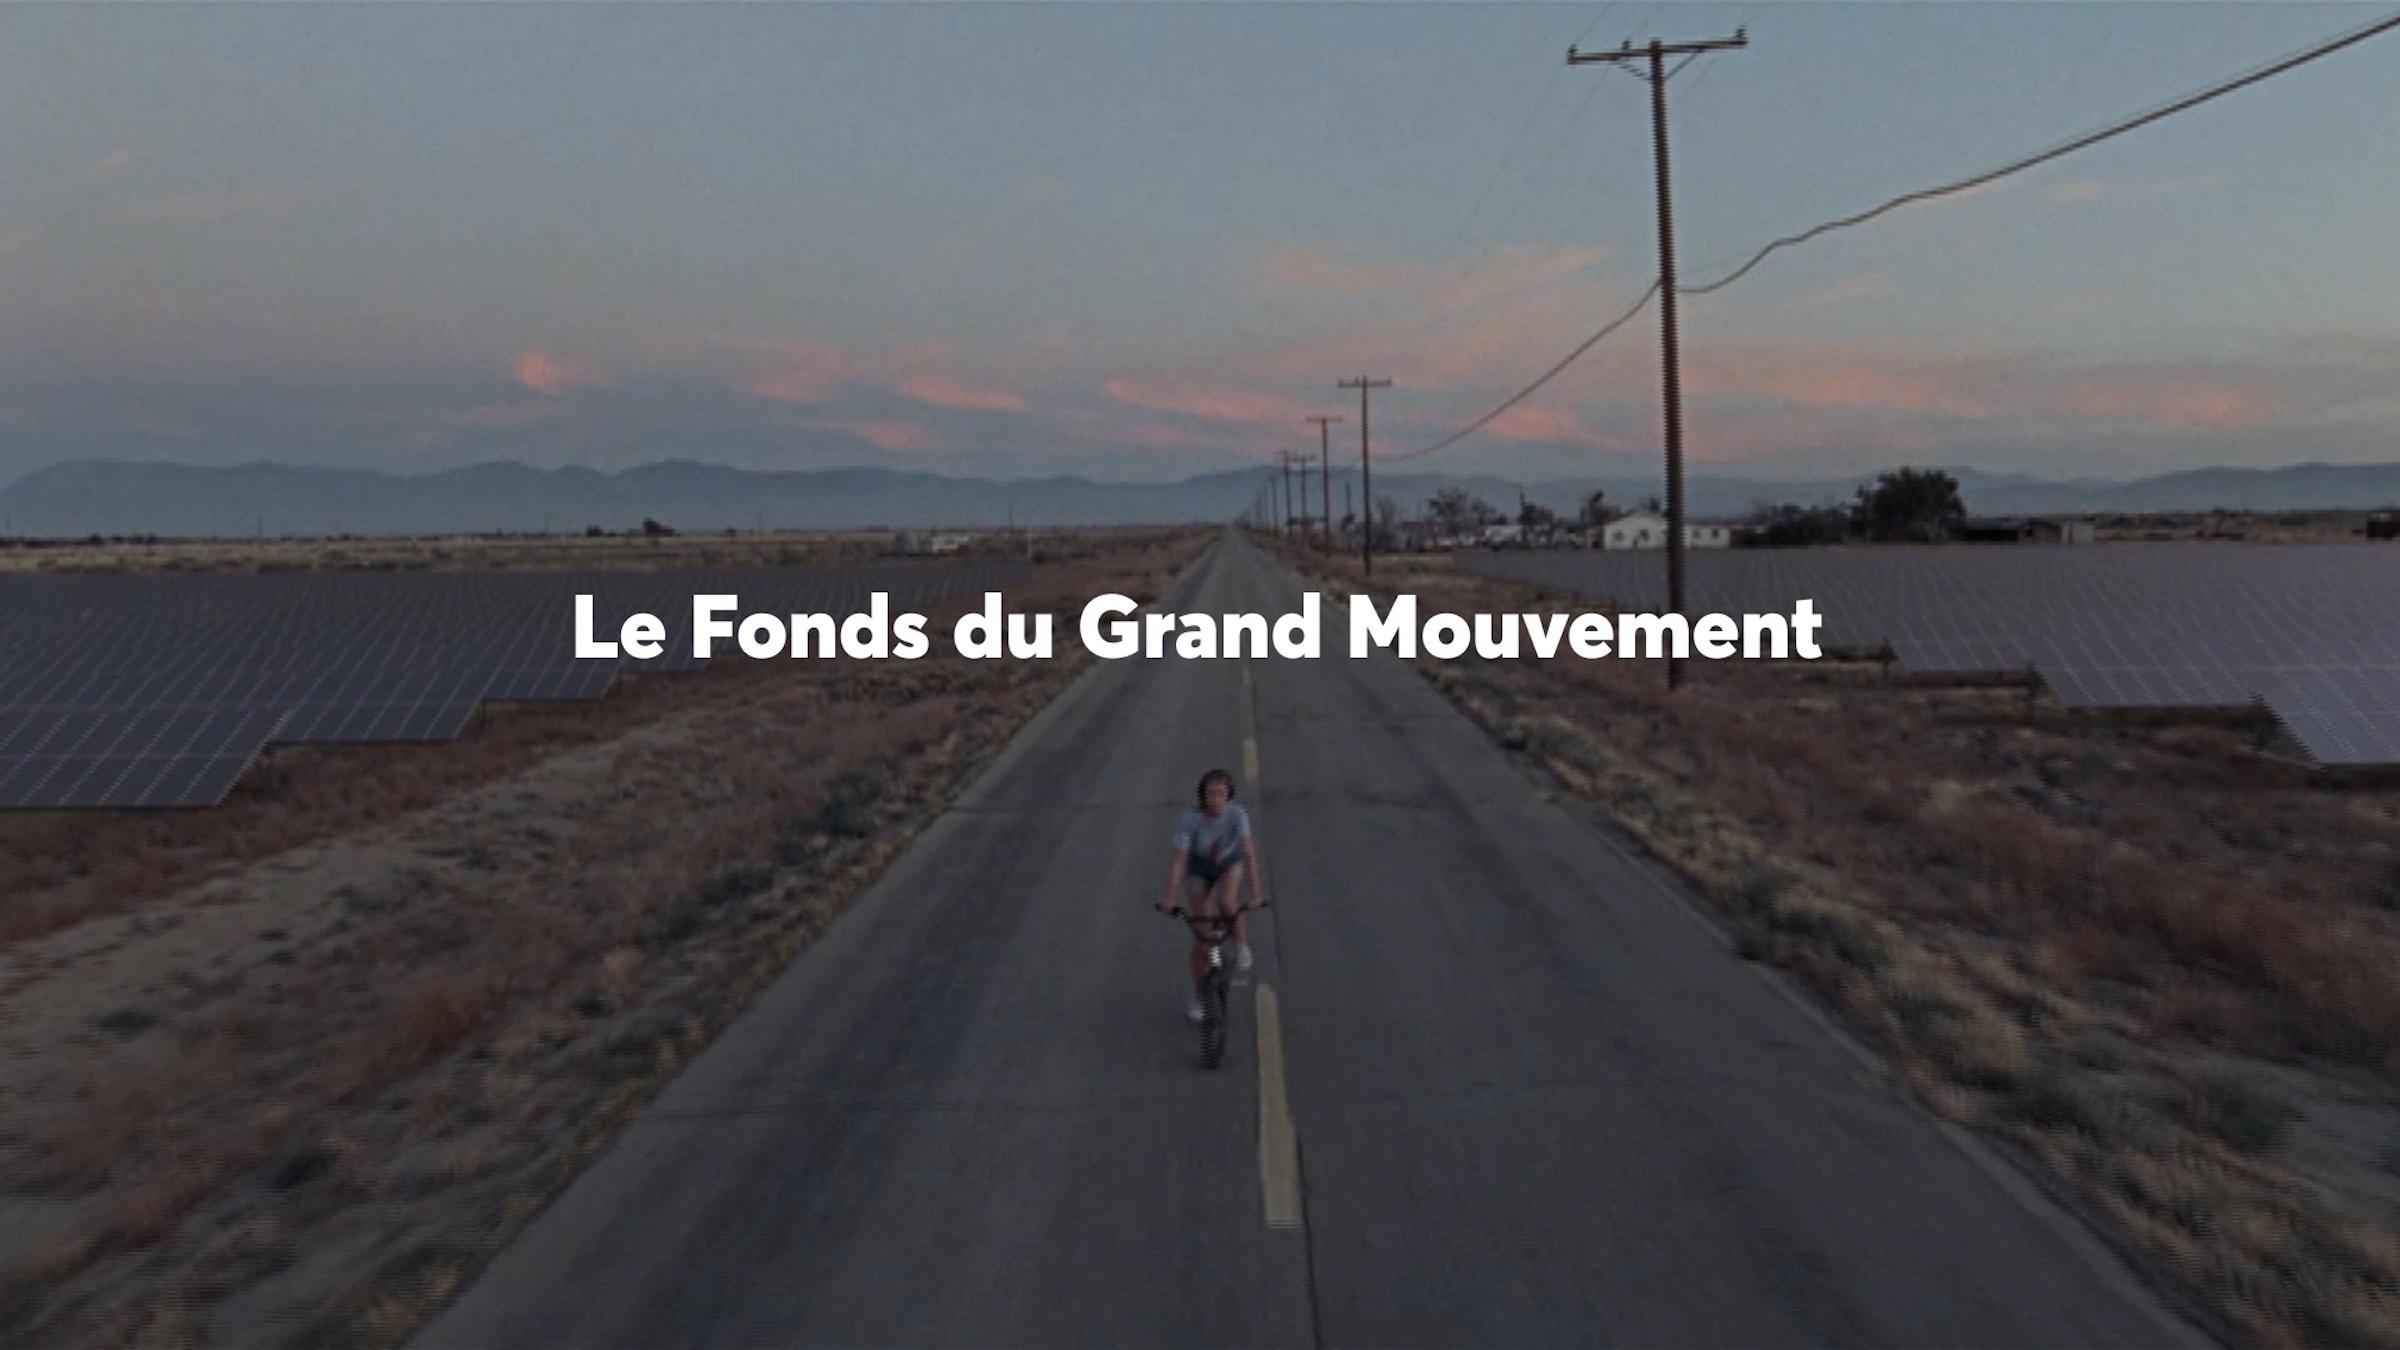 Grand Mouvement